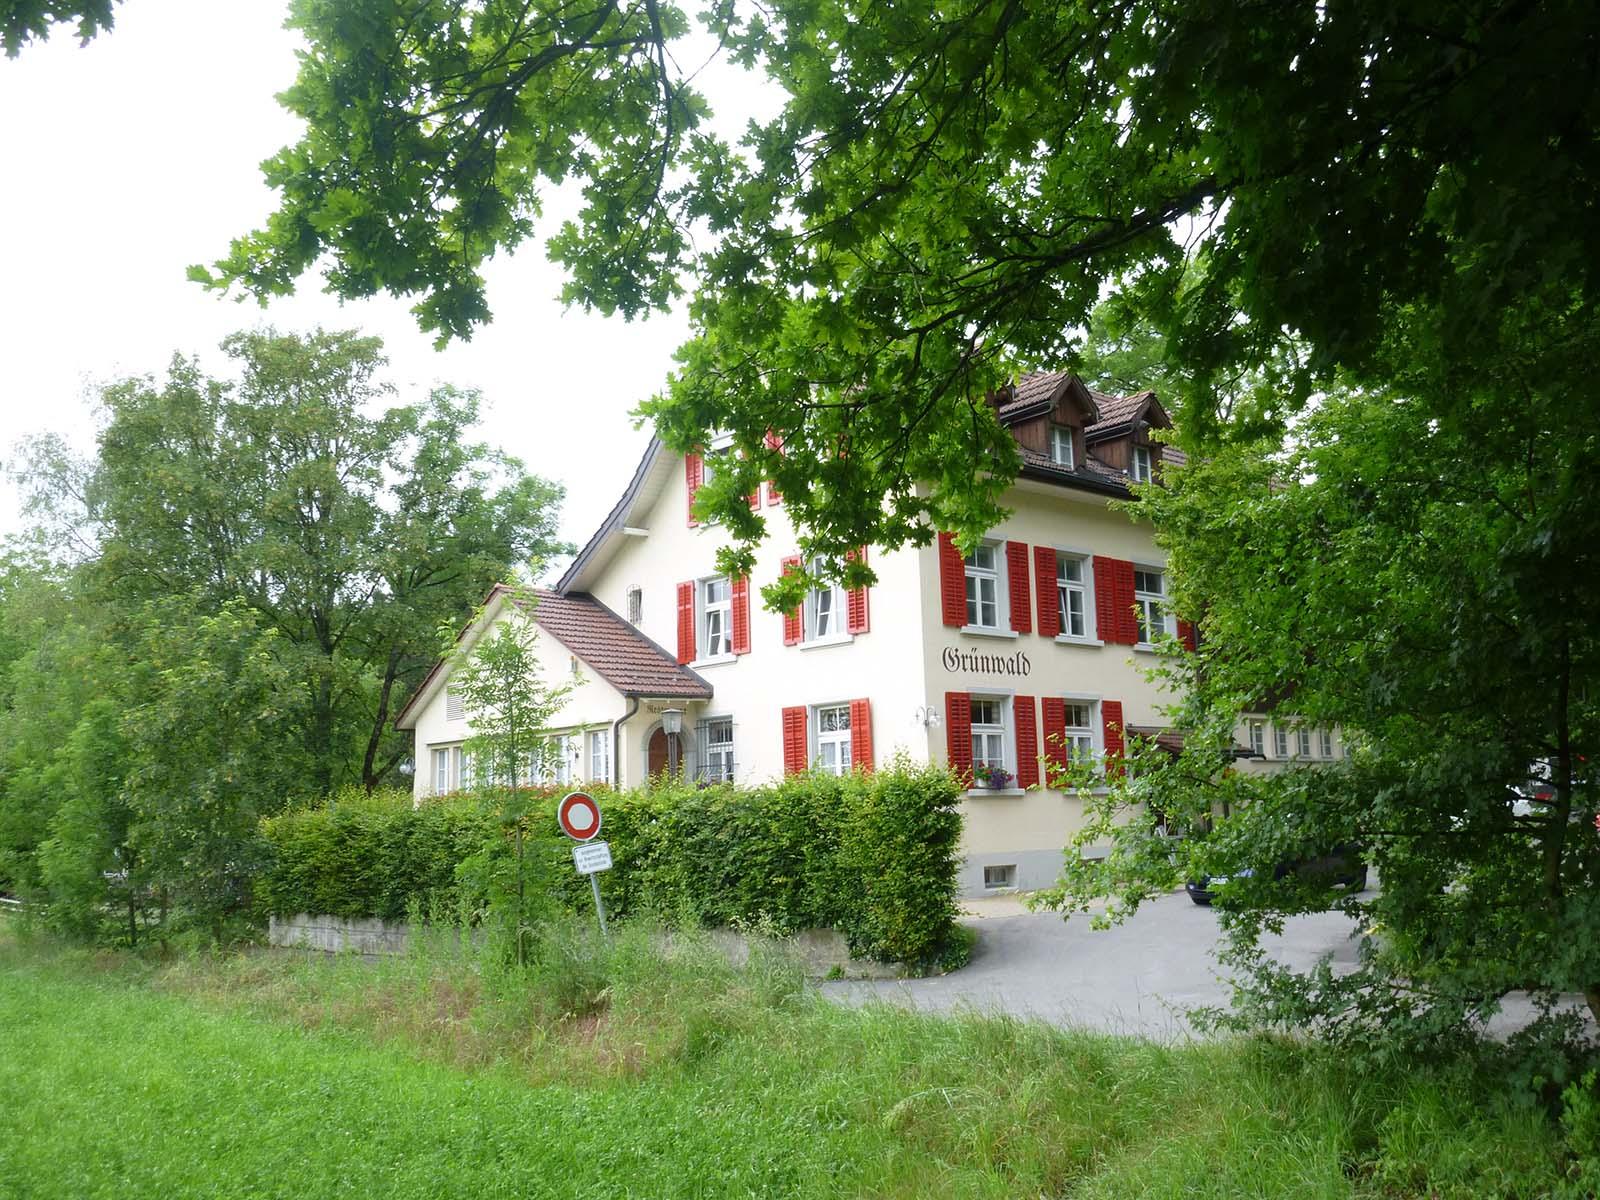 Unweit des Restaurants Grünwald wurde ein junger Mann in einem parkierten Auto hingerichtet.